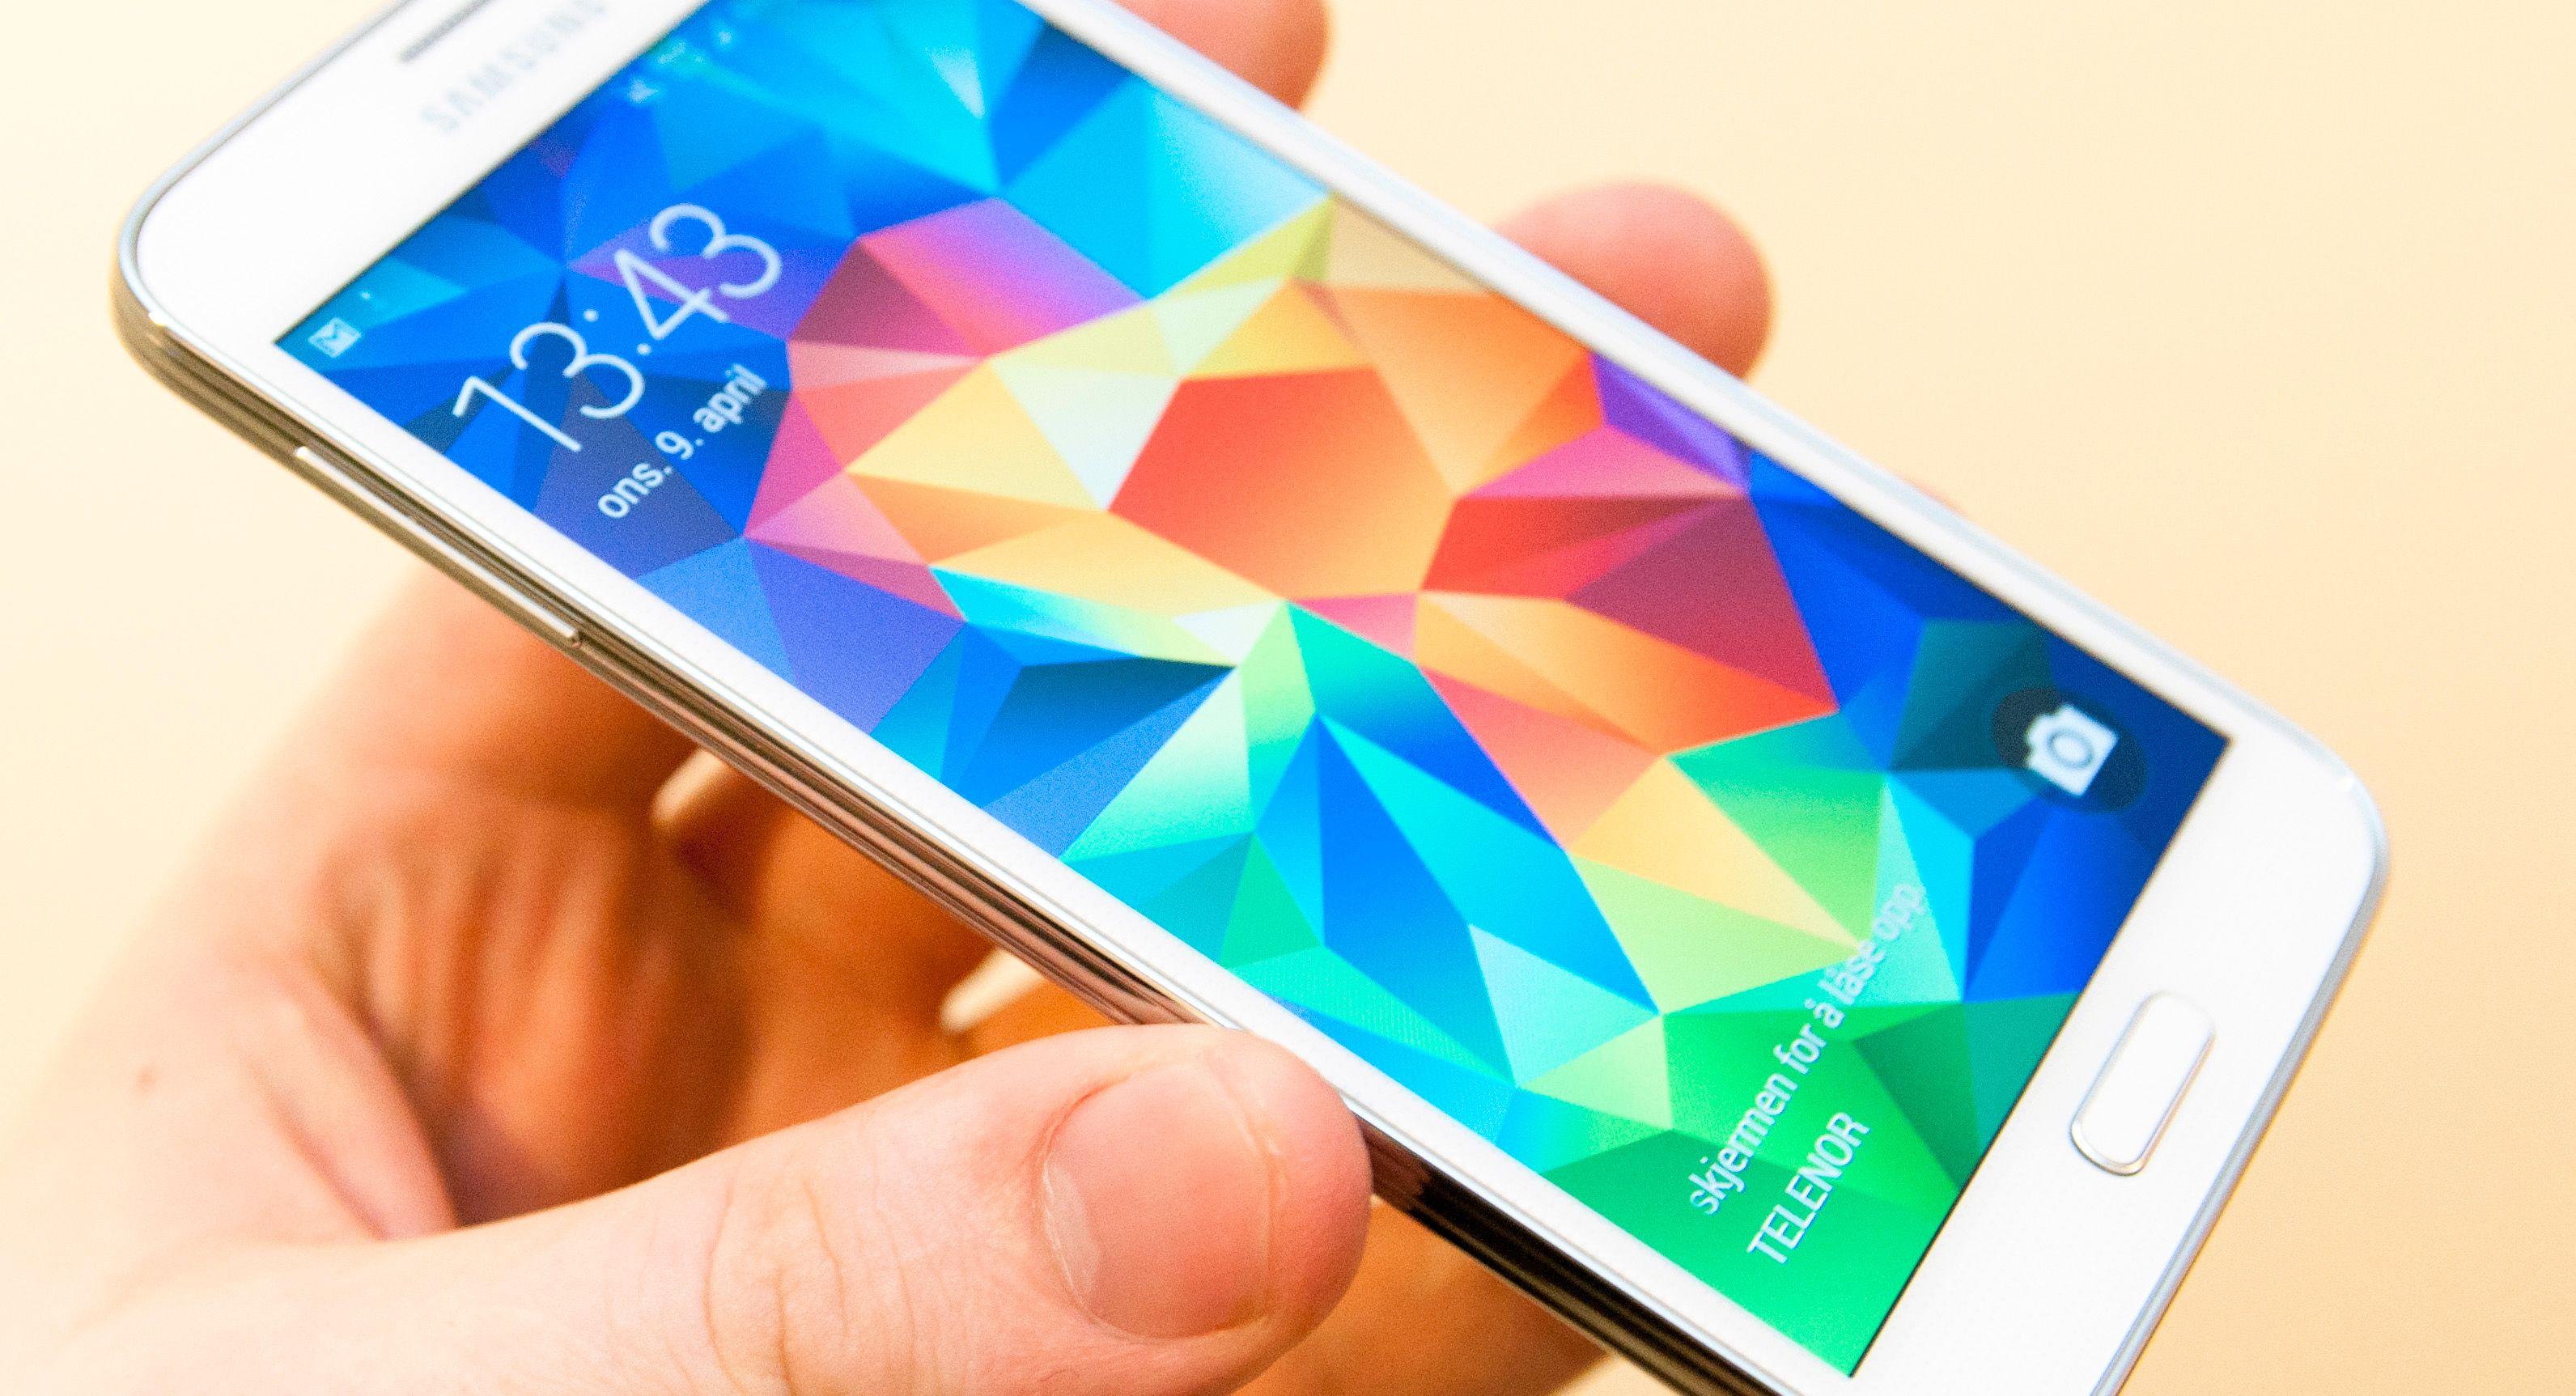 Endelig har 10 prosent oppgradert til ett år gammel Android